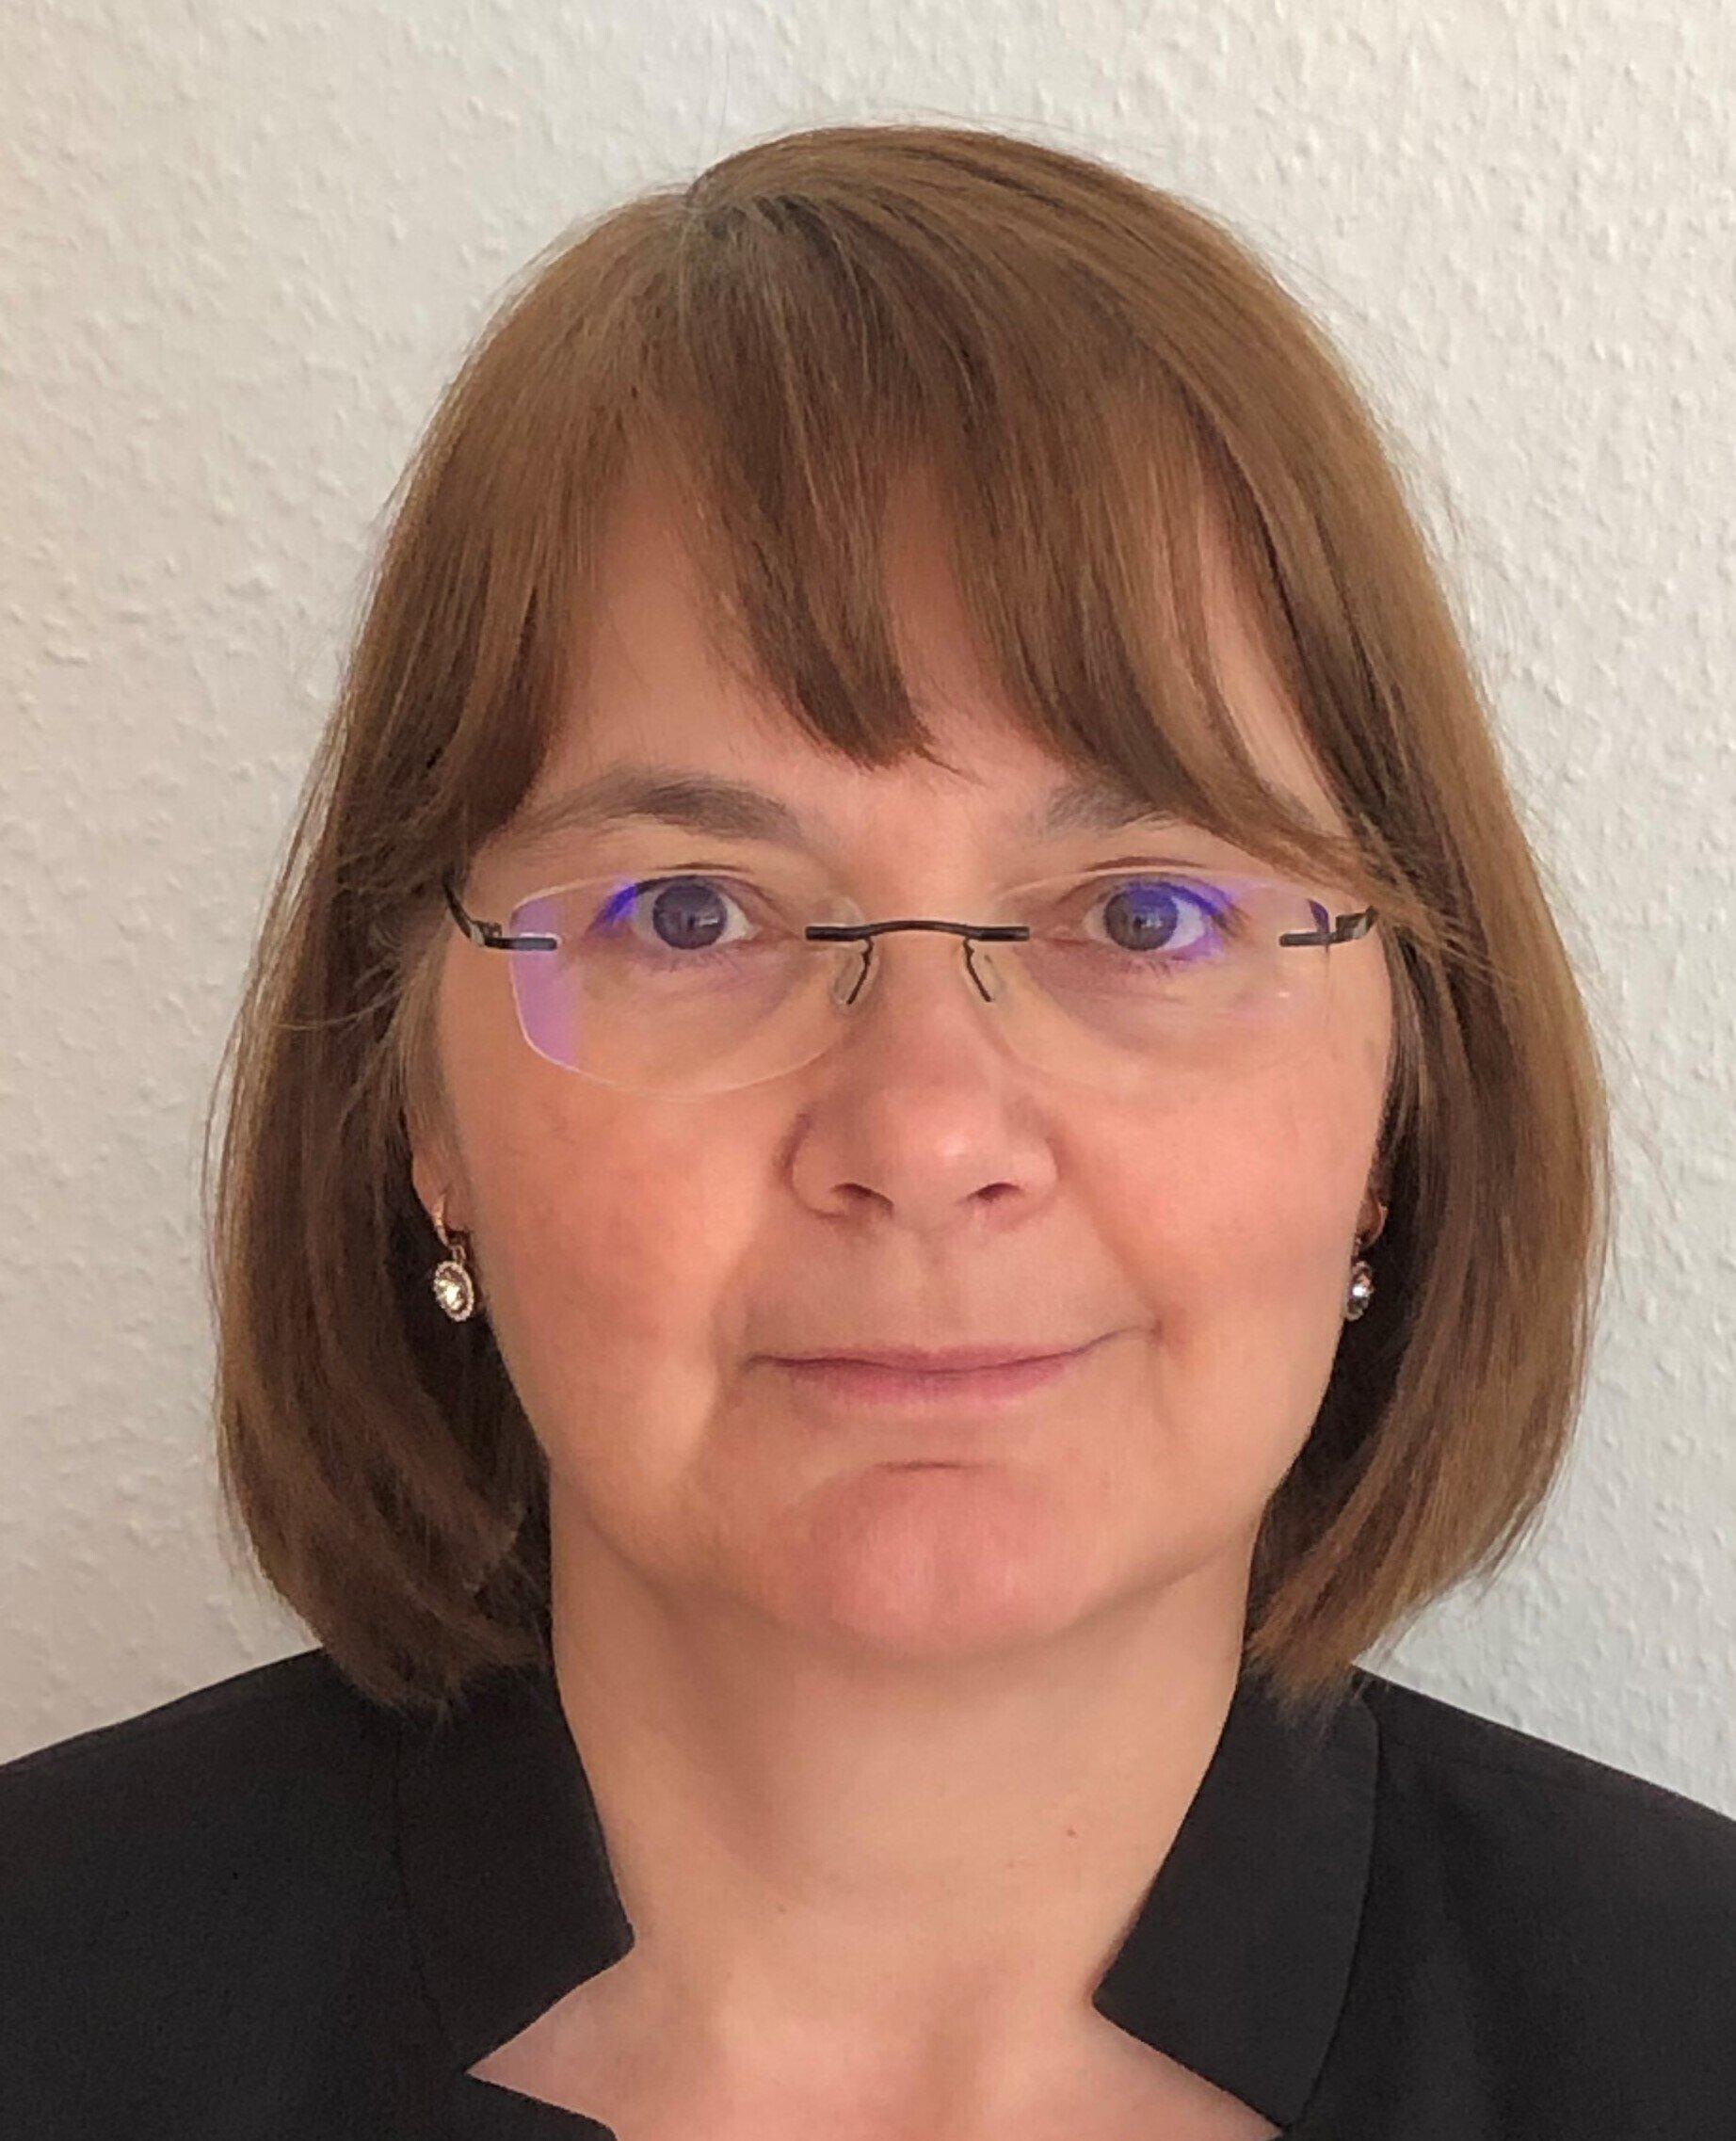 Annemarie Stöwhaas